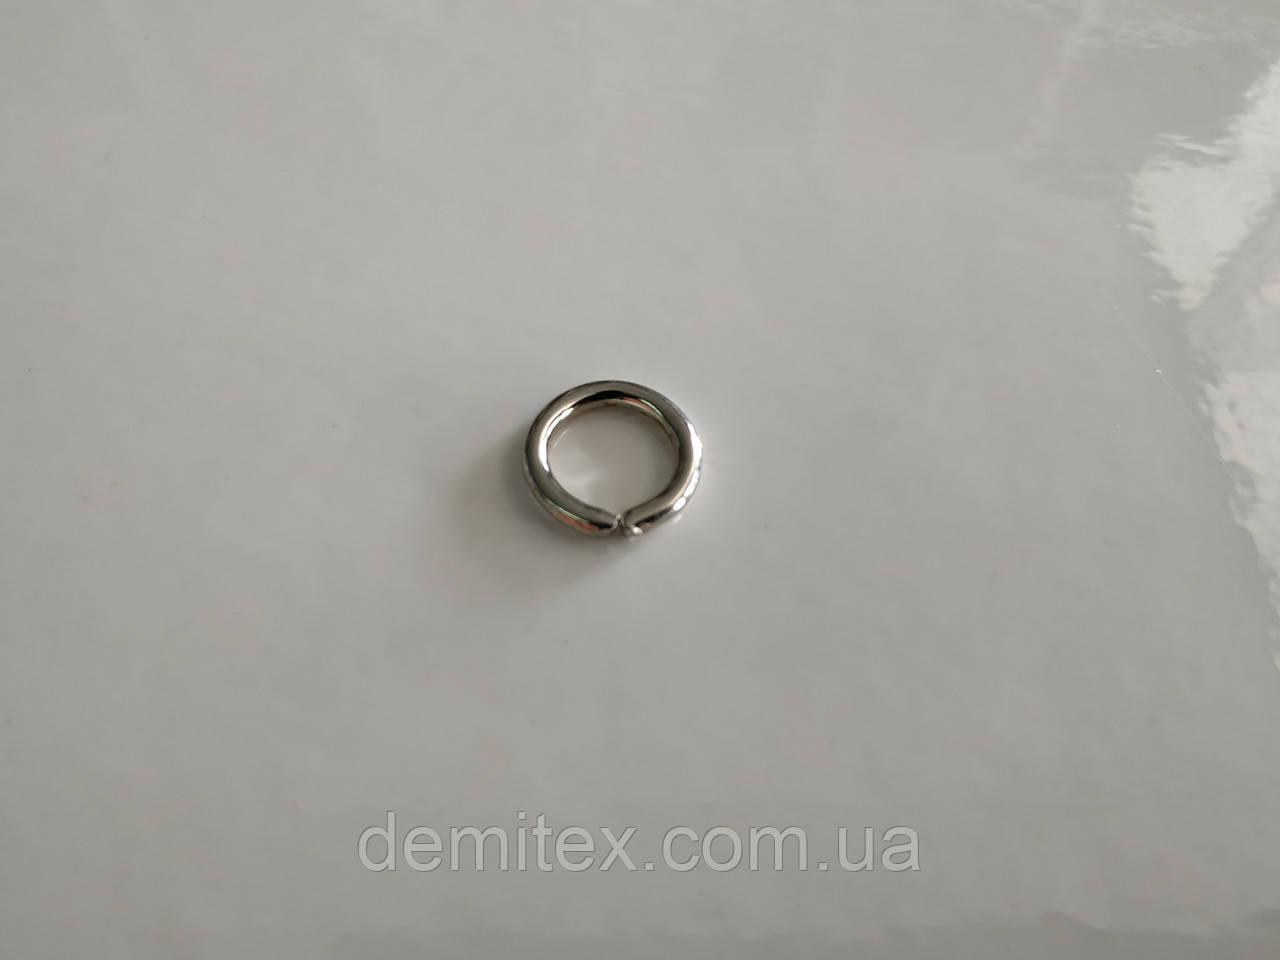 Кольцо никель 9х2 мм